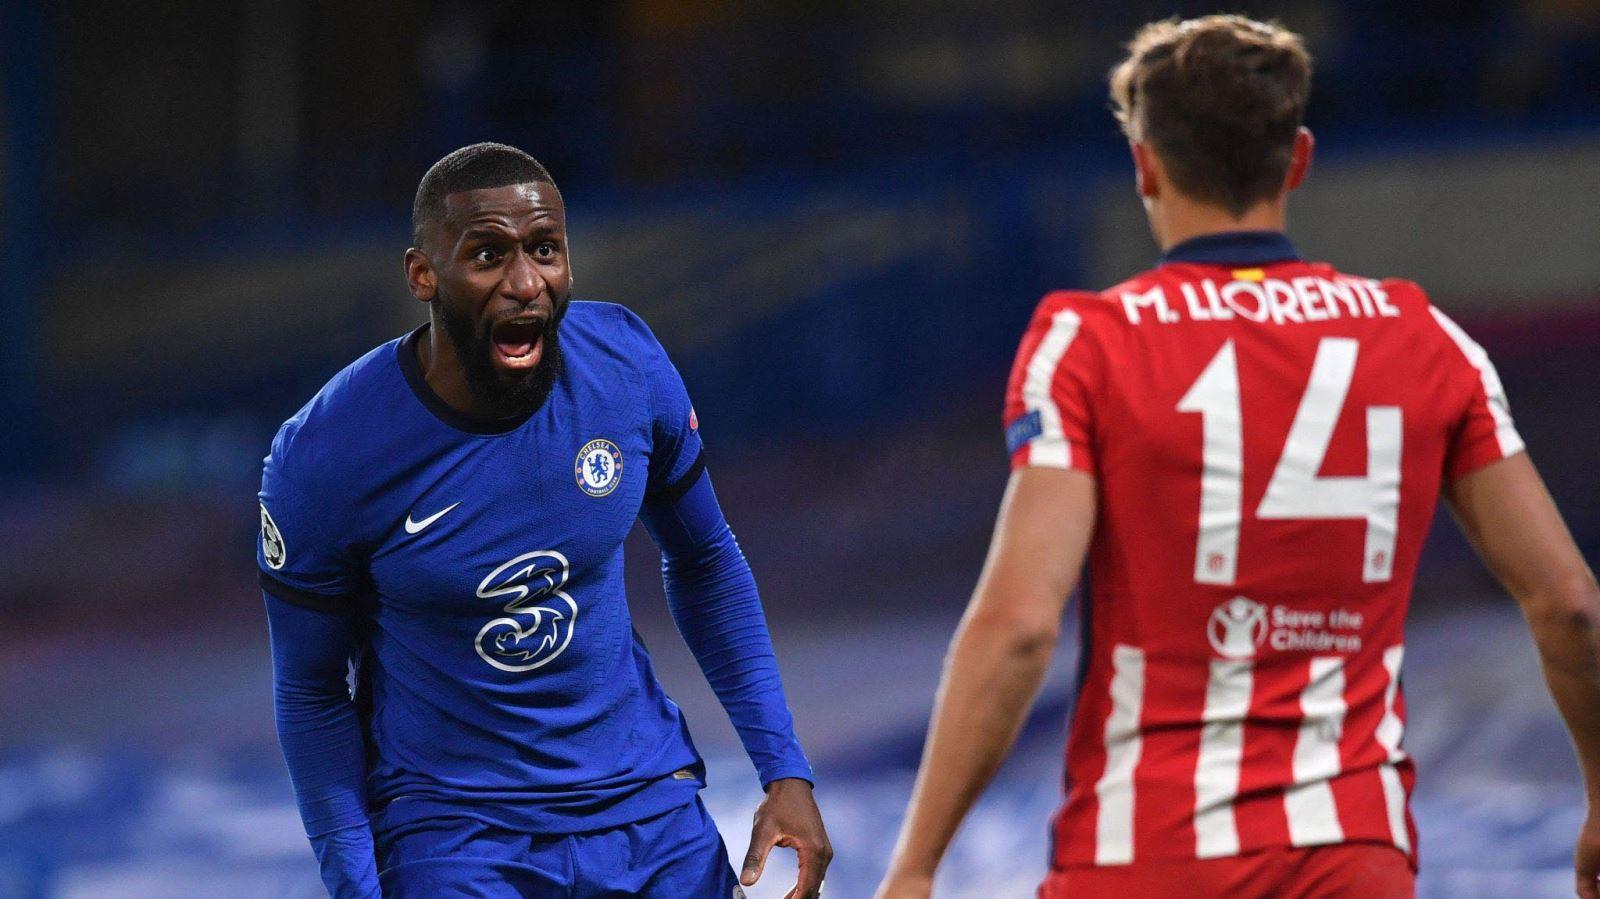 ĐIỂM NHẤN Chelsea 2-0 Atletico: Rudiger thành điểm tựa phòng ngự. Simeone chùn bước